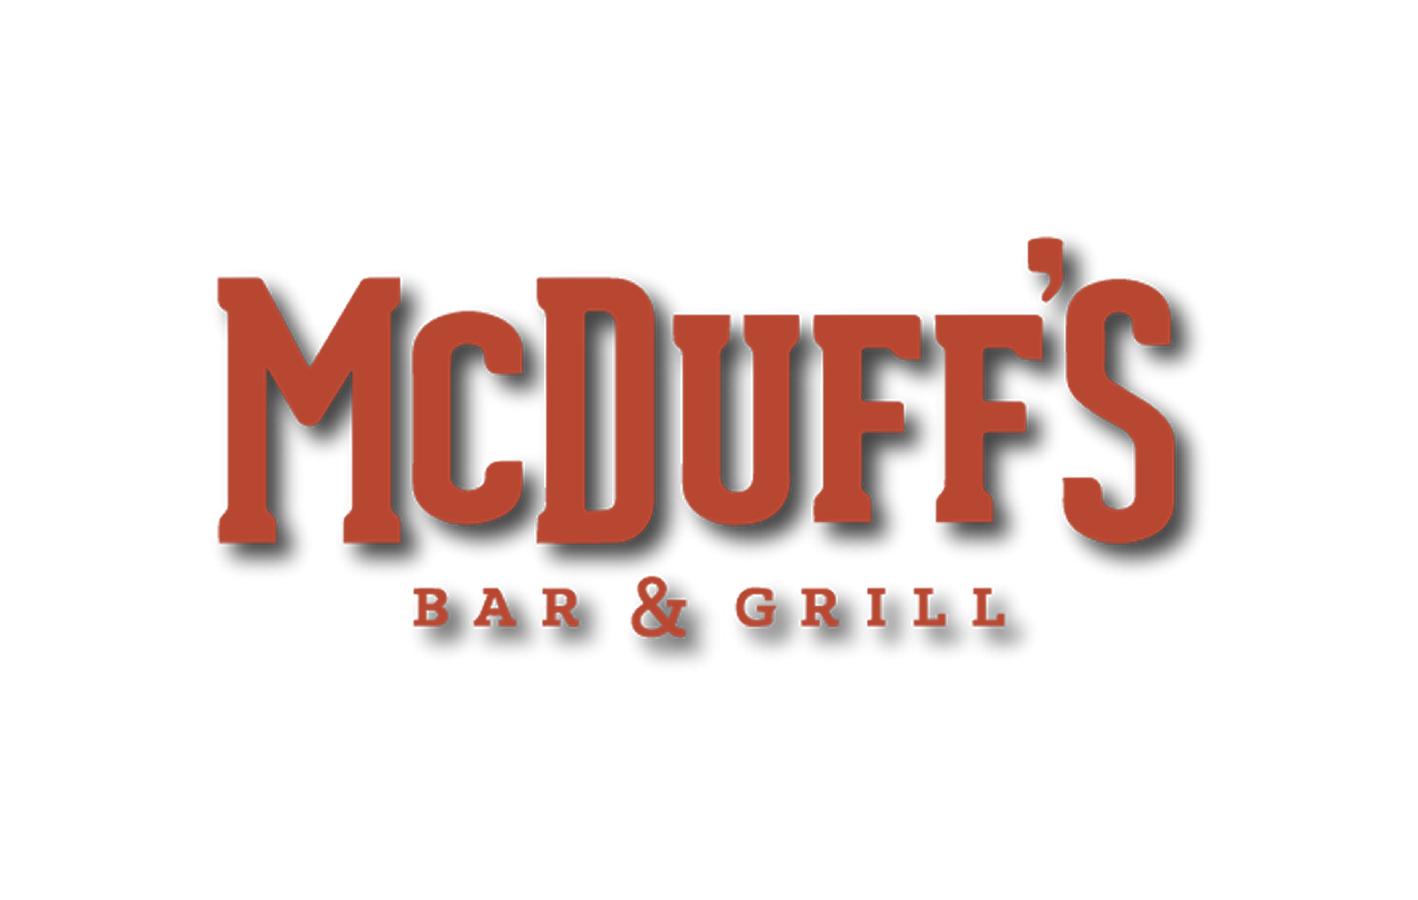 Client: McDuff's Bar & Grill